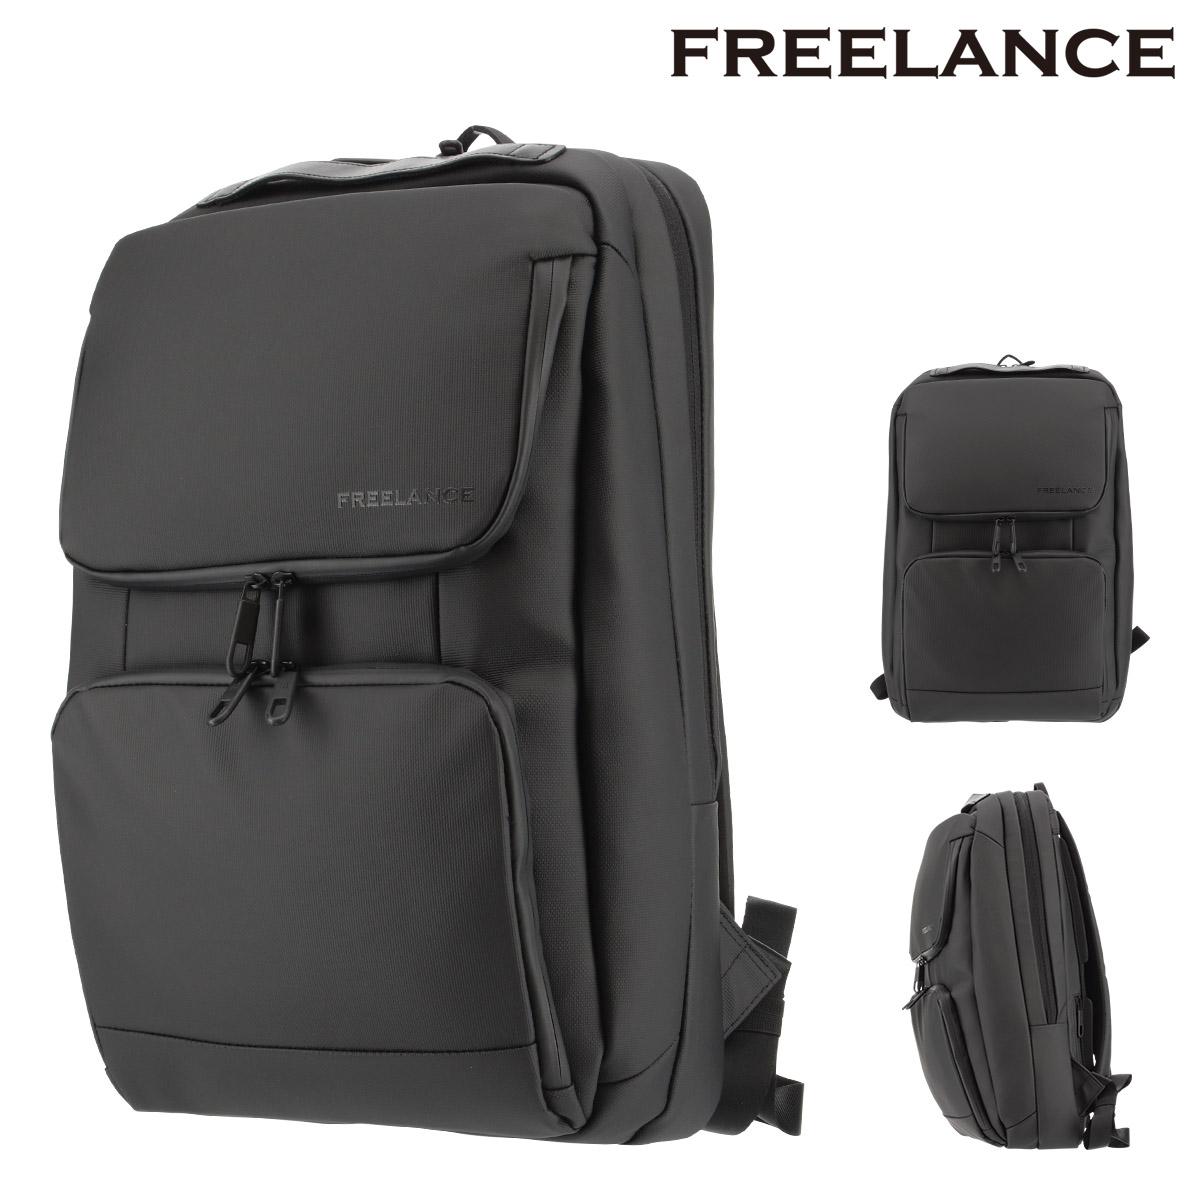 フリーランス リュック メンズ fl-108 FREELANCE | ビジネスバッグ ビジネスリュック ナイロン[即日発送]